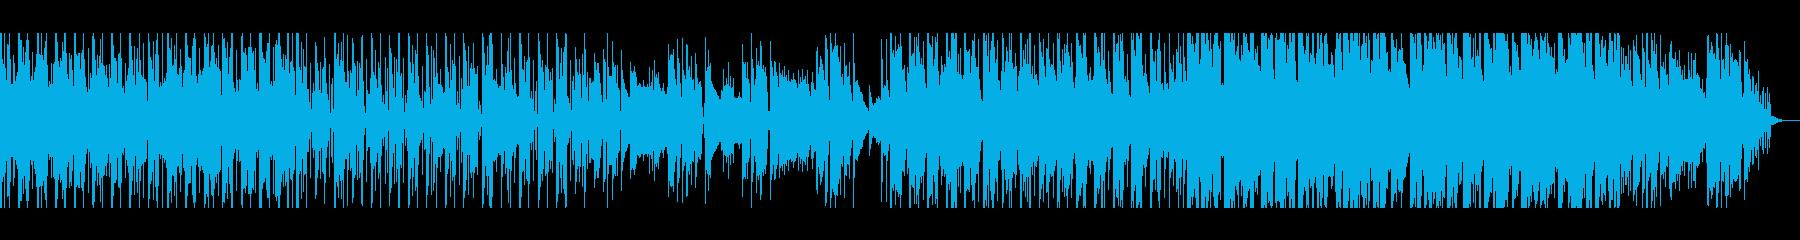 【短いVer2】スペーシーファンクの再生済みの波形